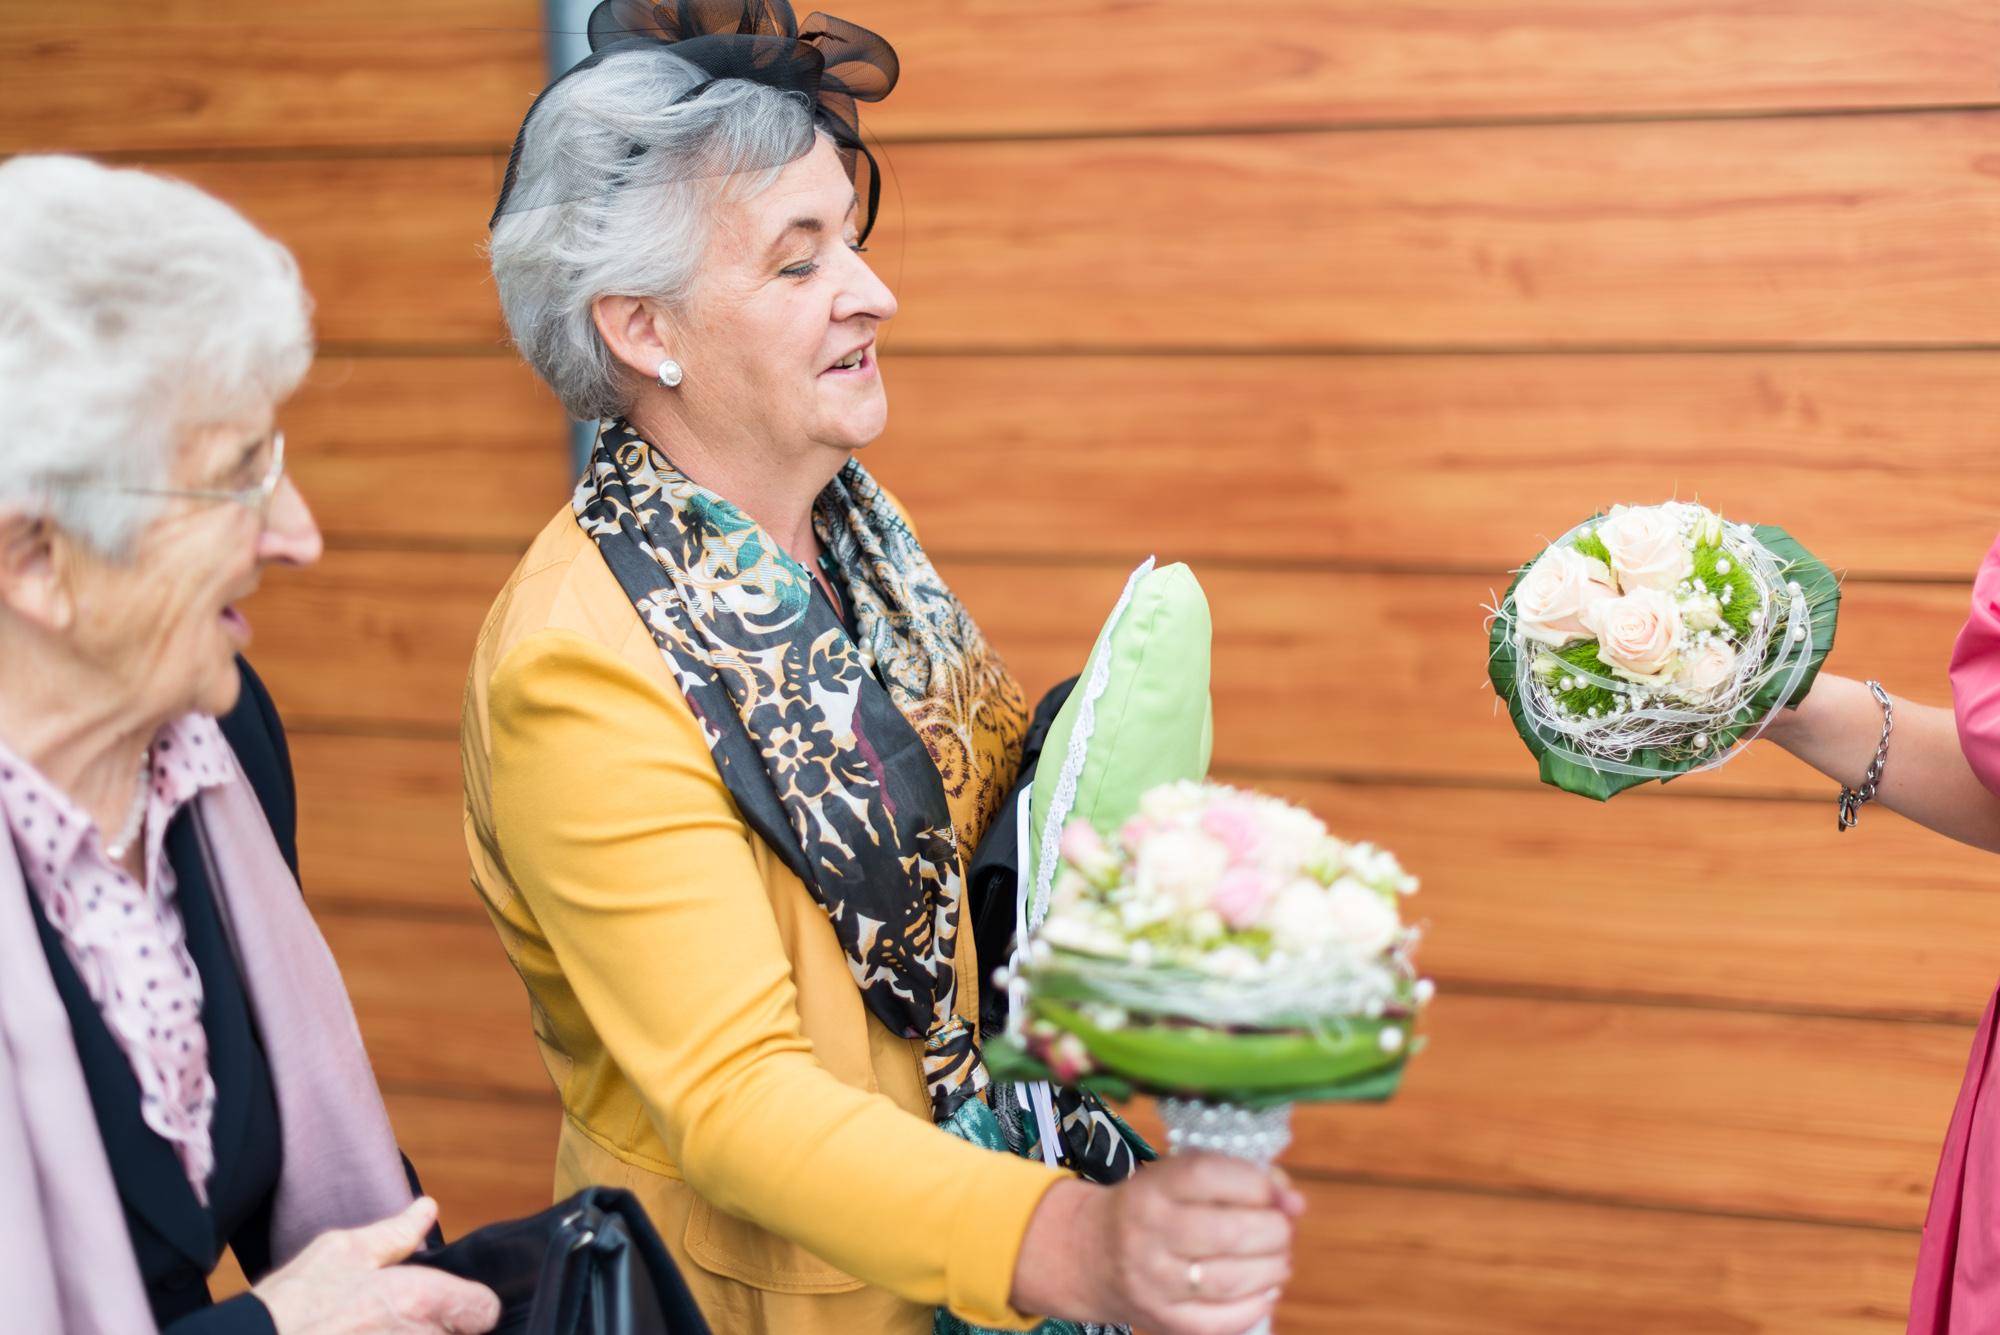 Fotograf Konstanz - Als Hochzeitsfotograf in Bad Dürrheim unterwegs  - 16 -